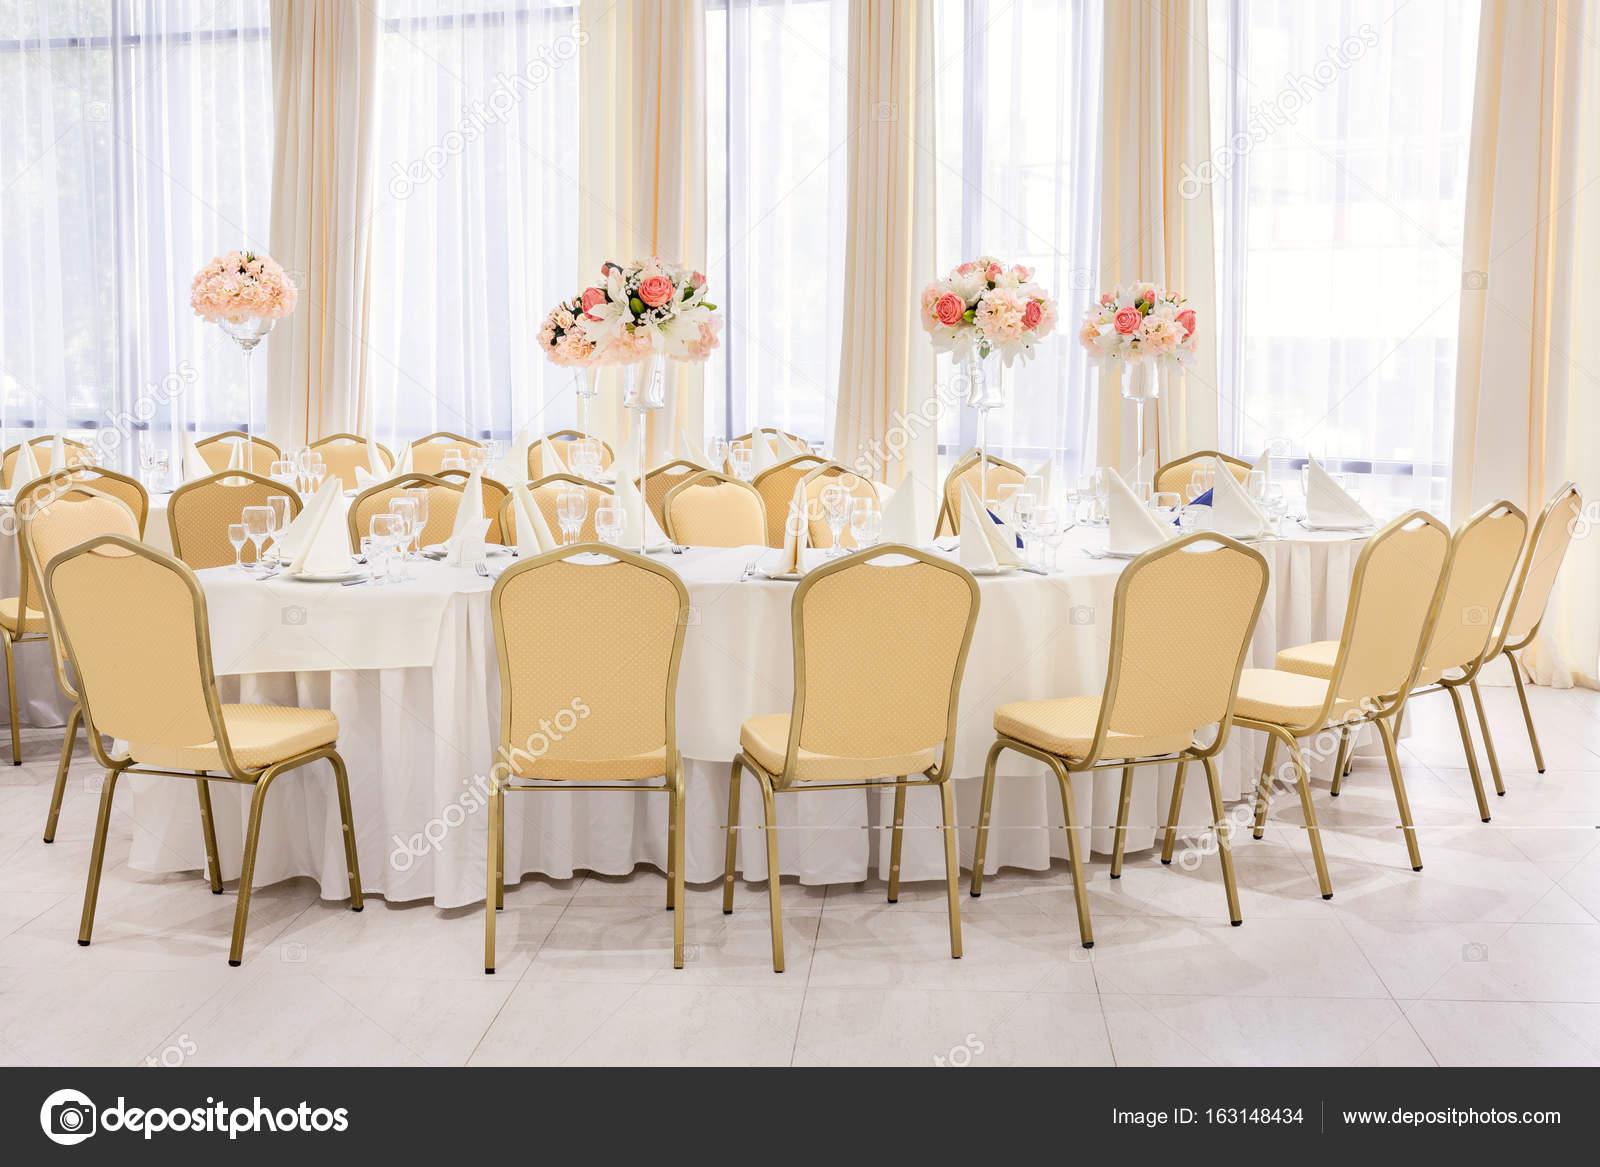 Schön eingerichtete Zimmer in Pastelltönen weiß mit gedeckte Tische ...